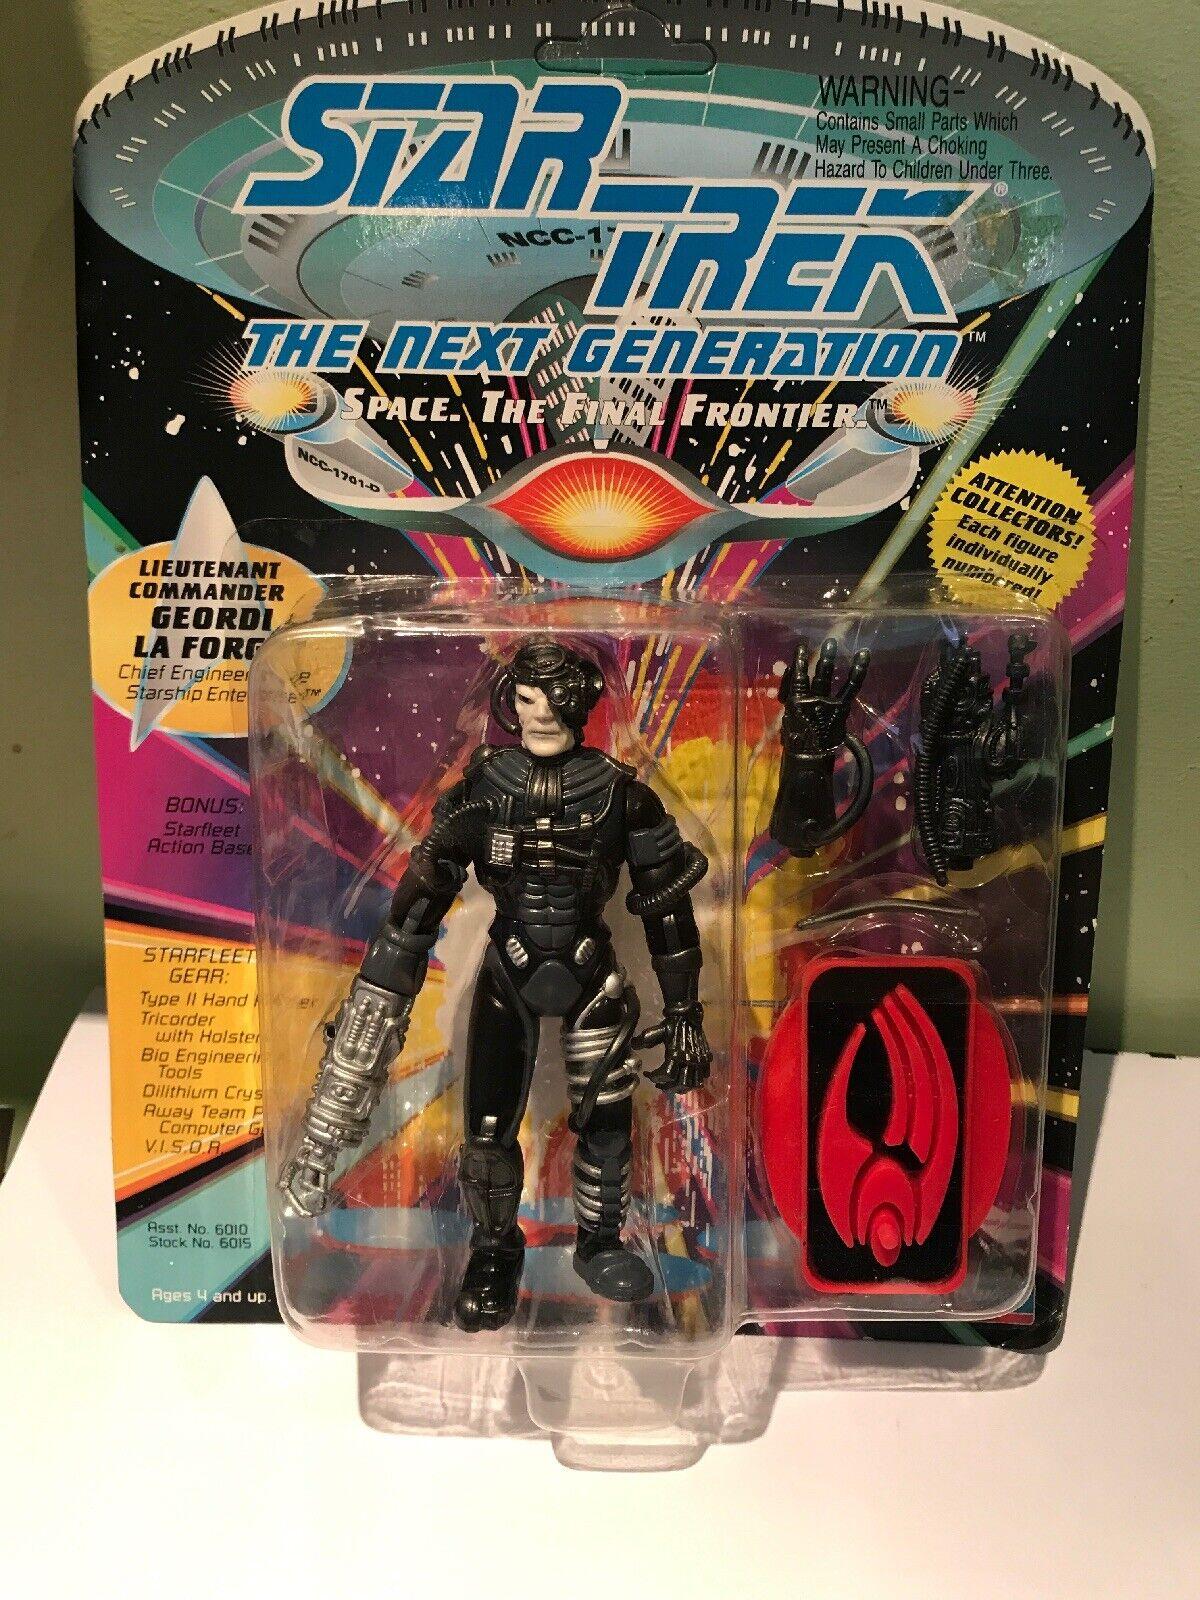 STAR TREK prossima generazione Figura errore cardate Borg geordi la compagni di gioco 1992